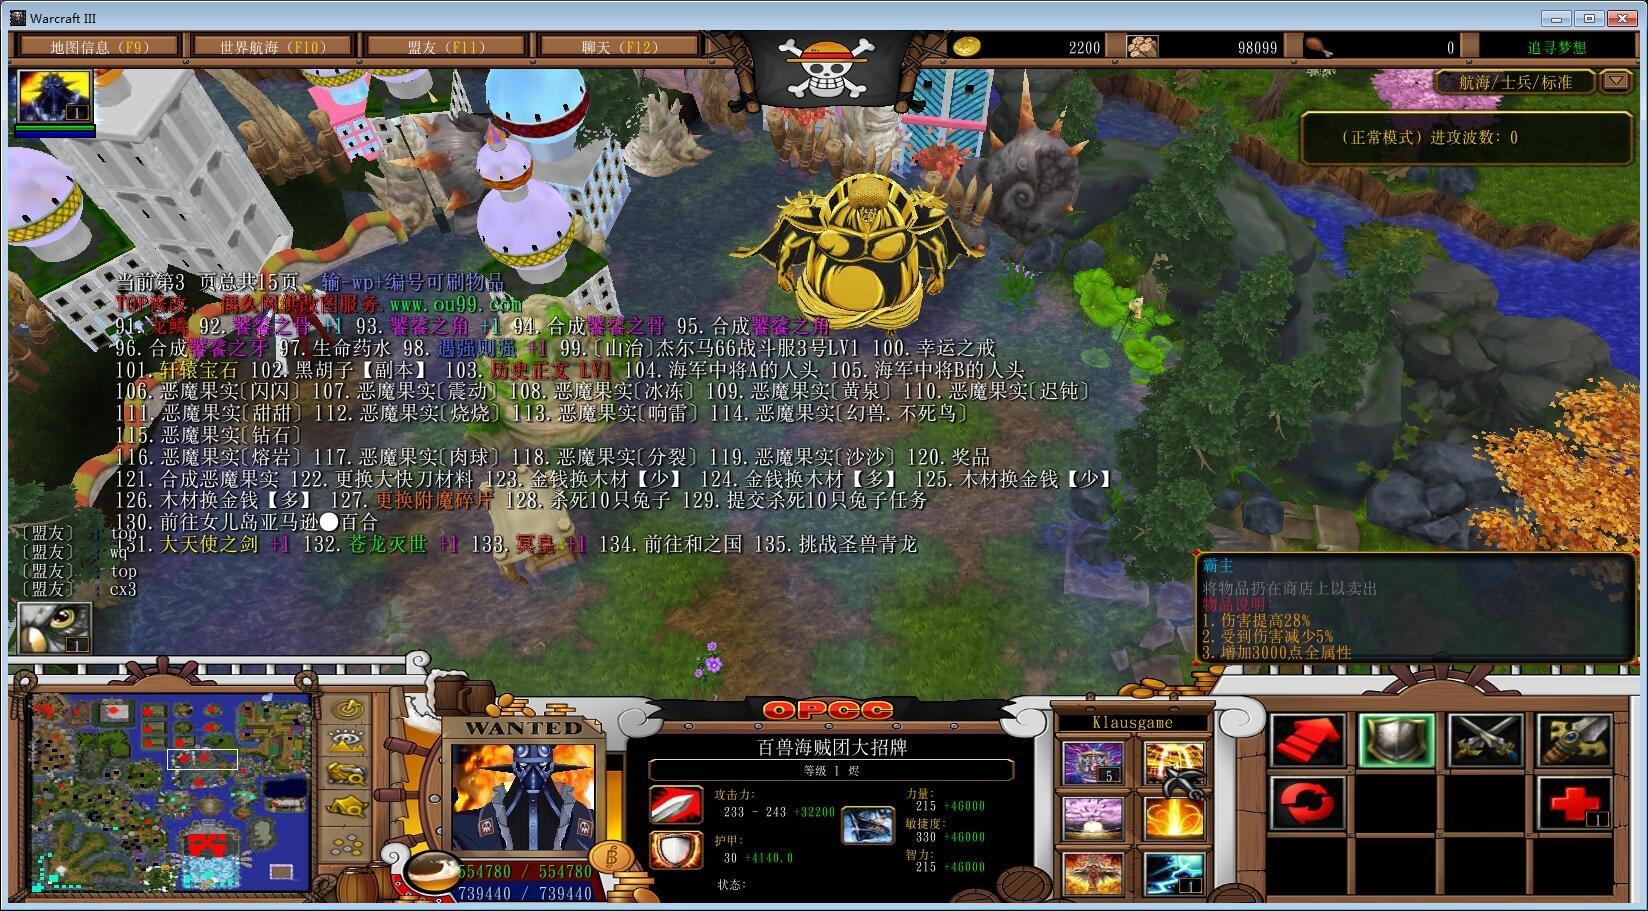 王者航海3.3.8破解版 解锁全英雄+全商城特权+古代兵器礼包+解除武器限制+刷物品无CD